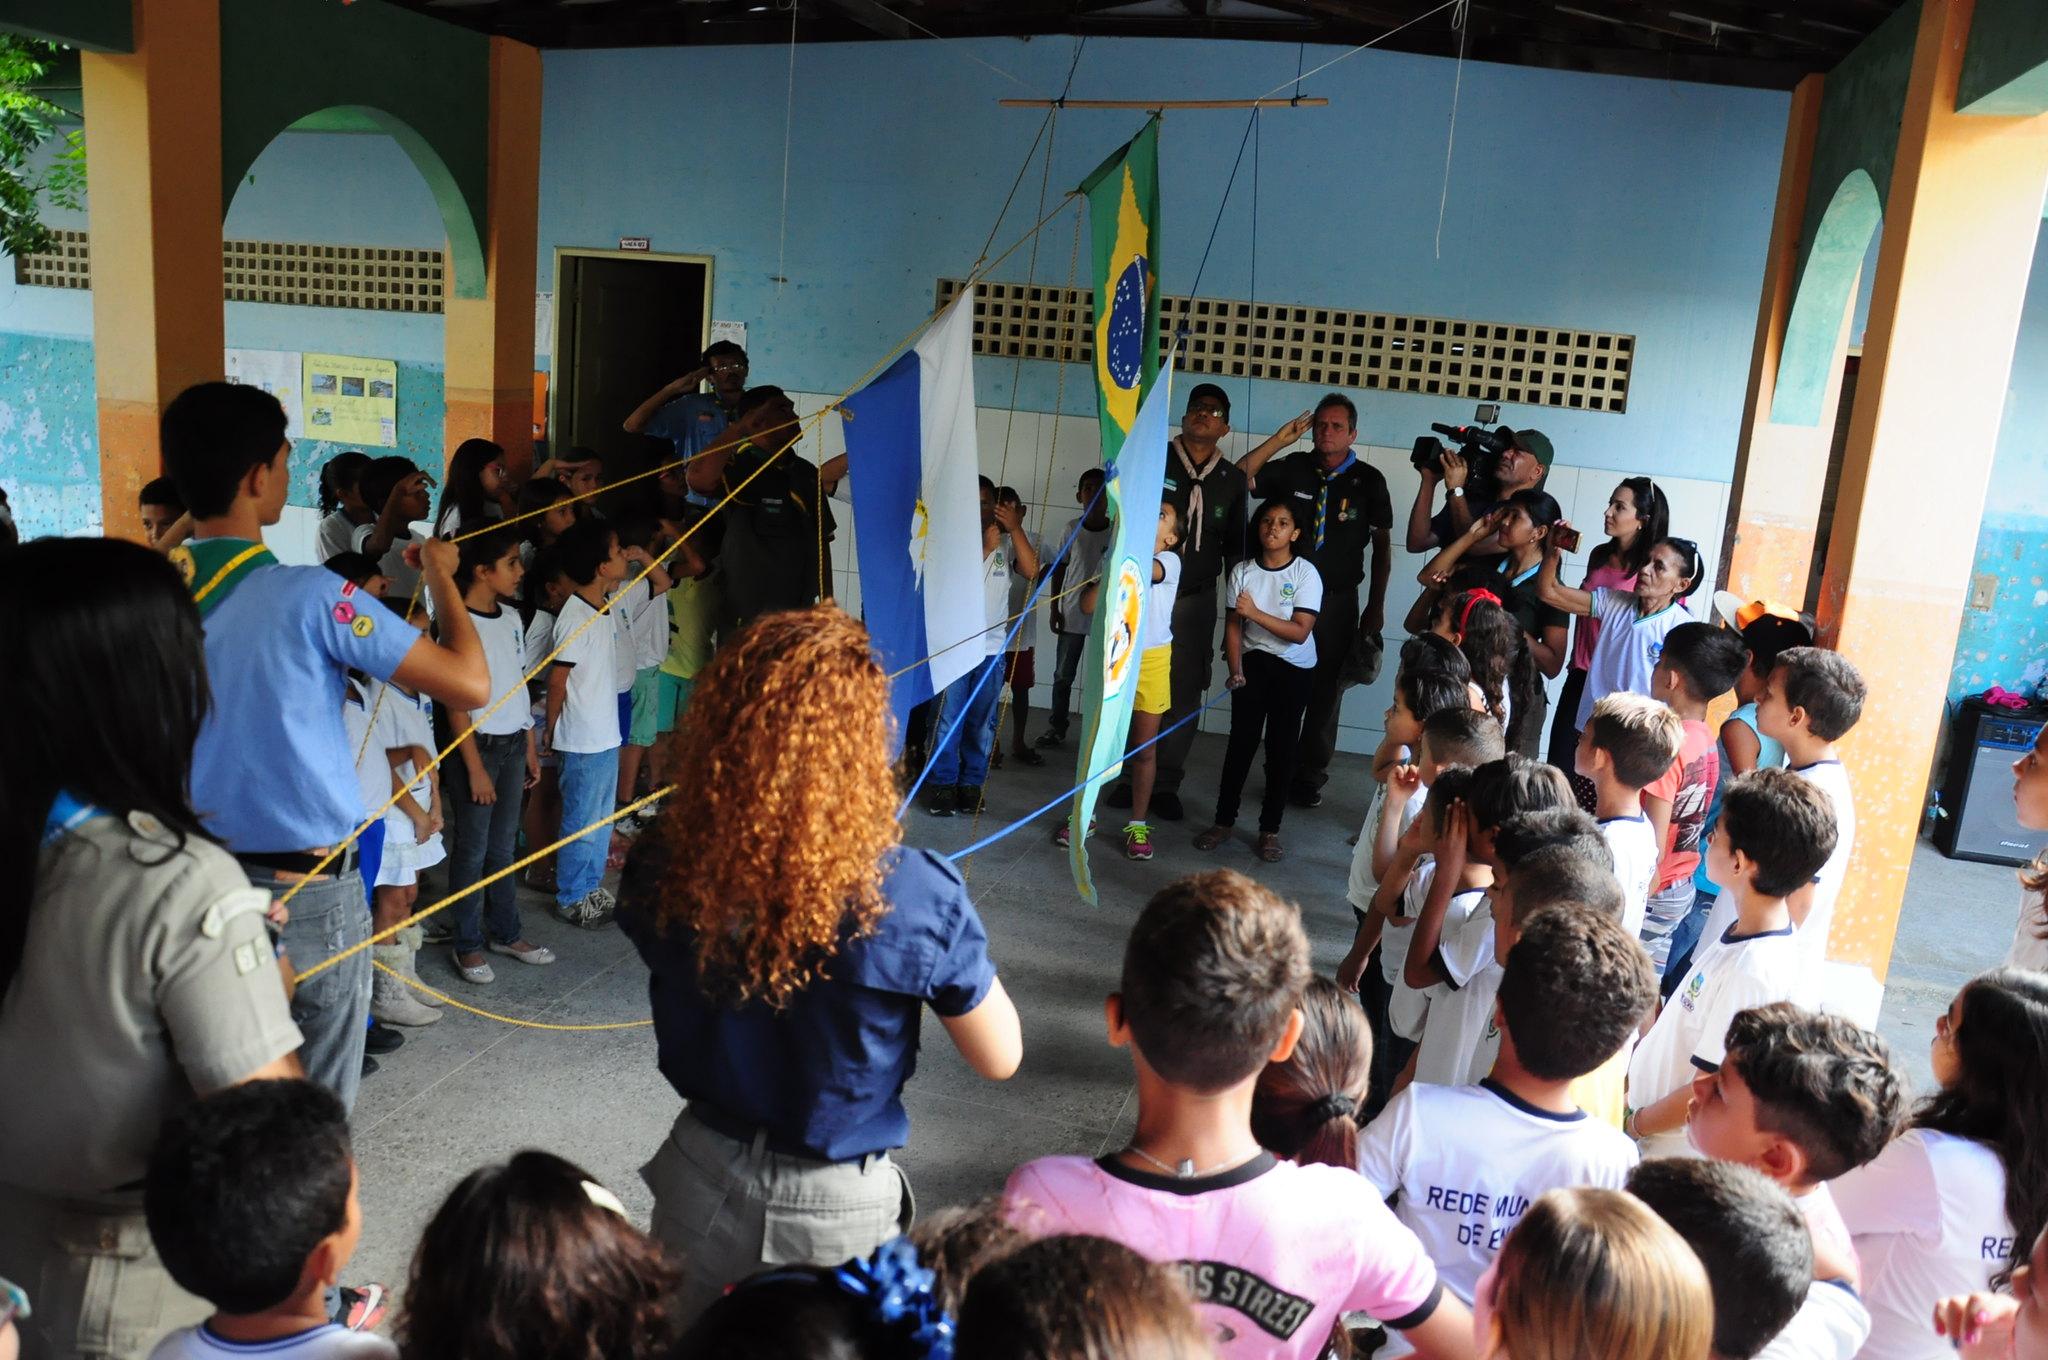 PMM discute parceria com escoteiros para realização de atividades em escolas municipais